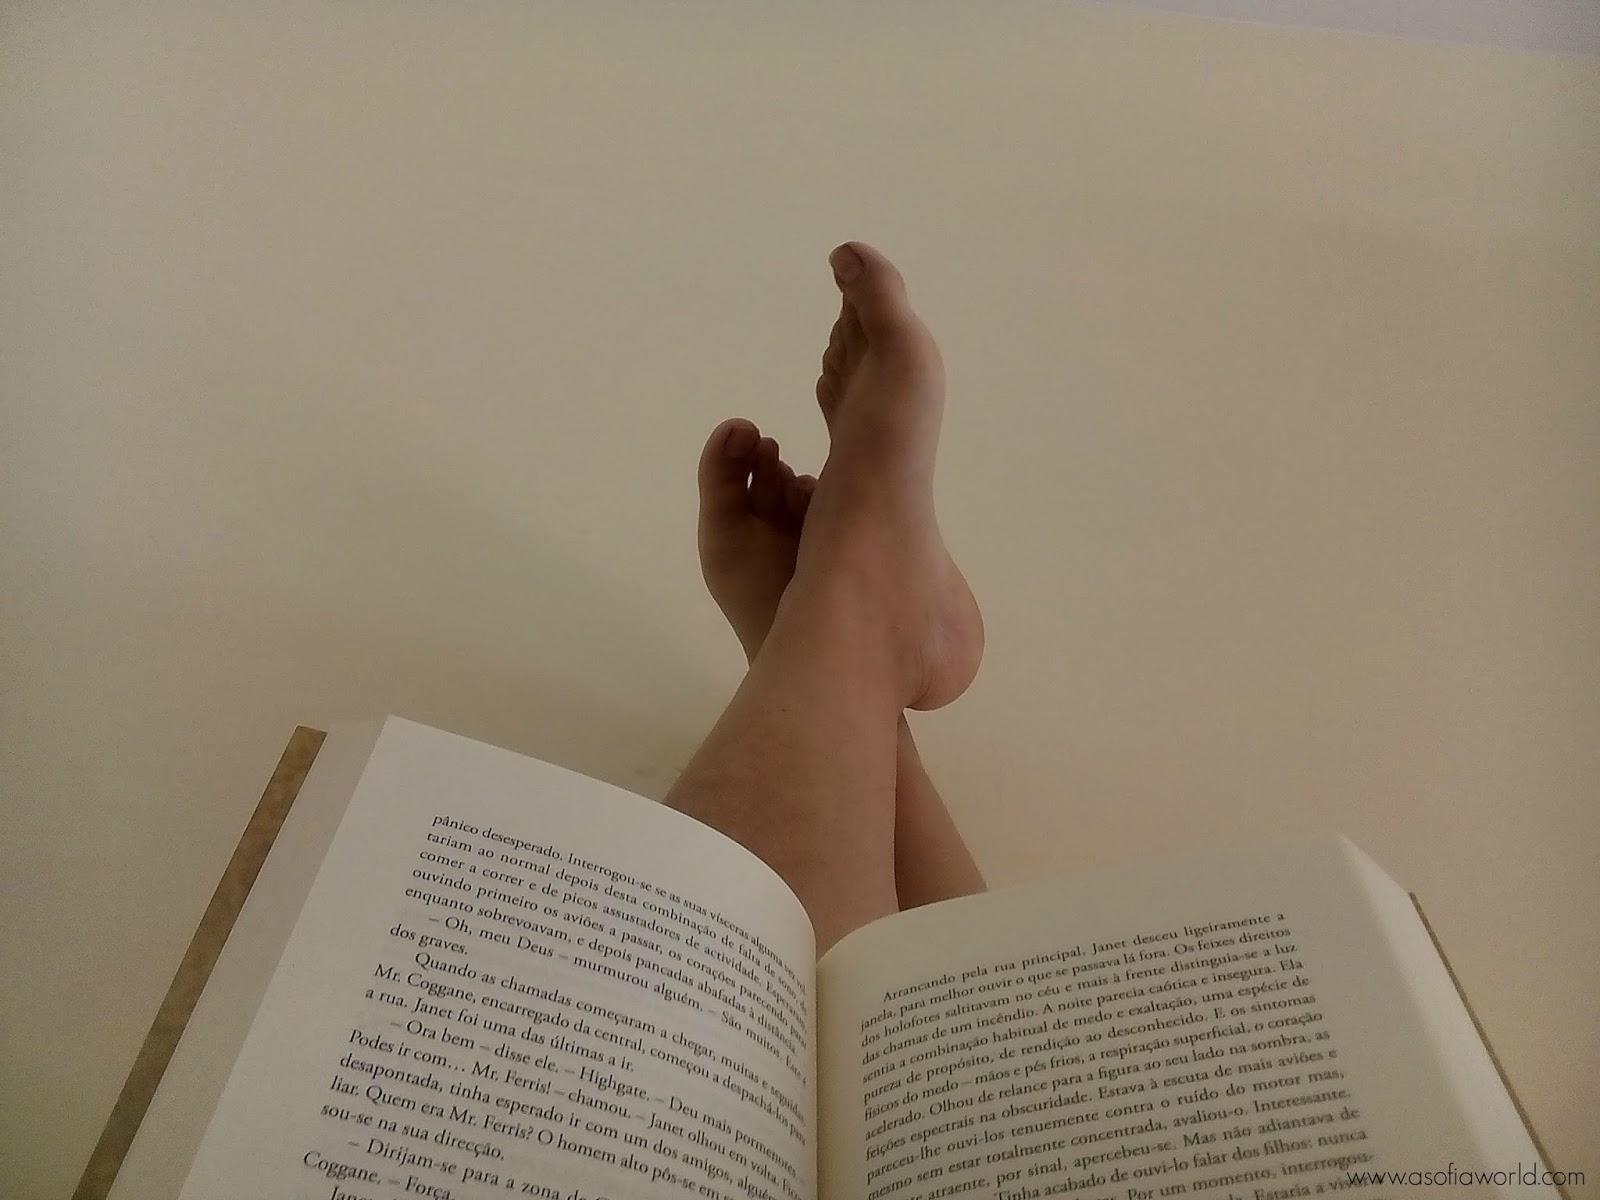 dos livros que não lemos